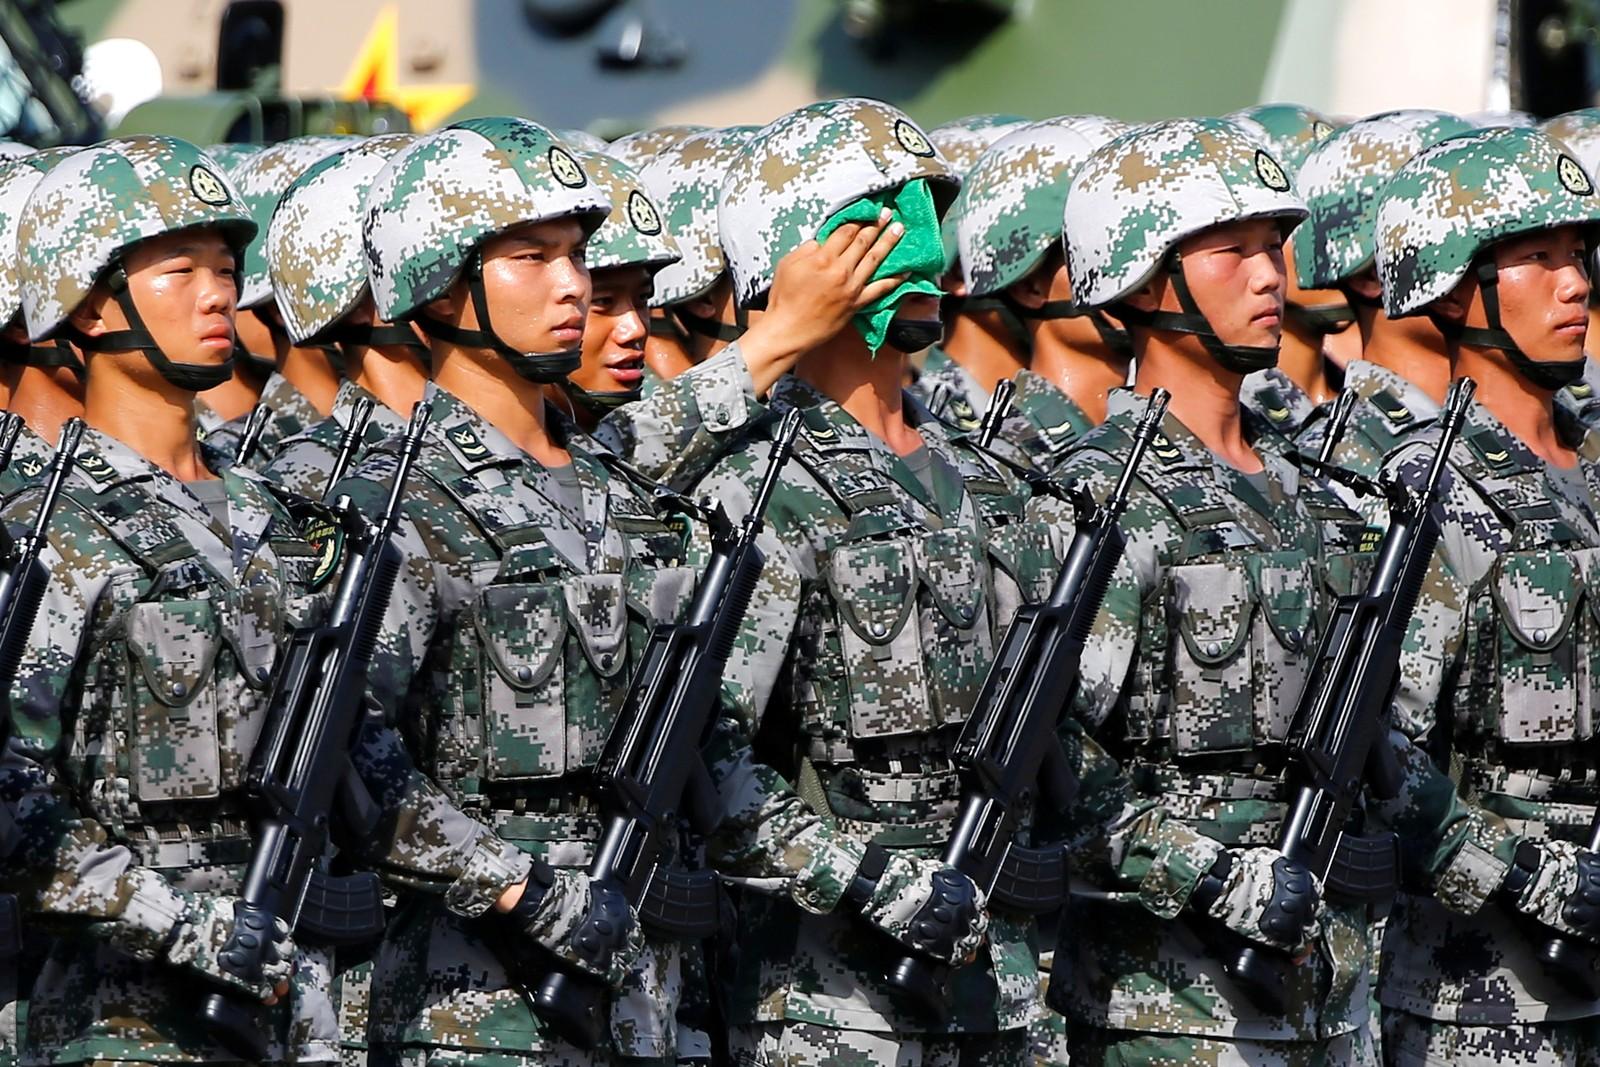 En hjelpende hånd i varmen. Disse soldatene venter på den kinesiske presidenten Xi Jinping i Hong Kong.